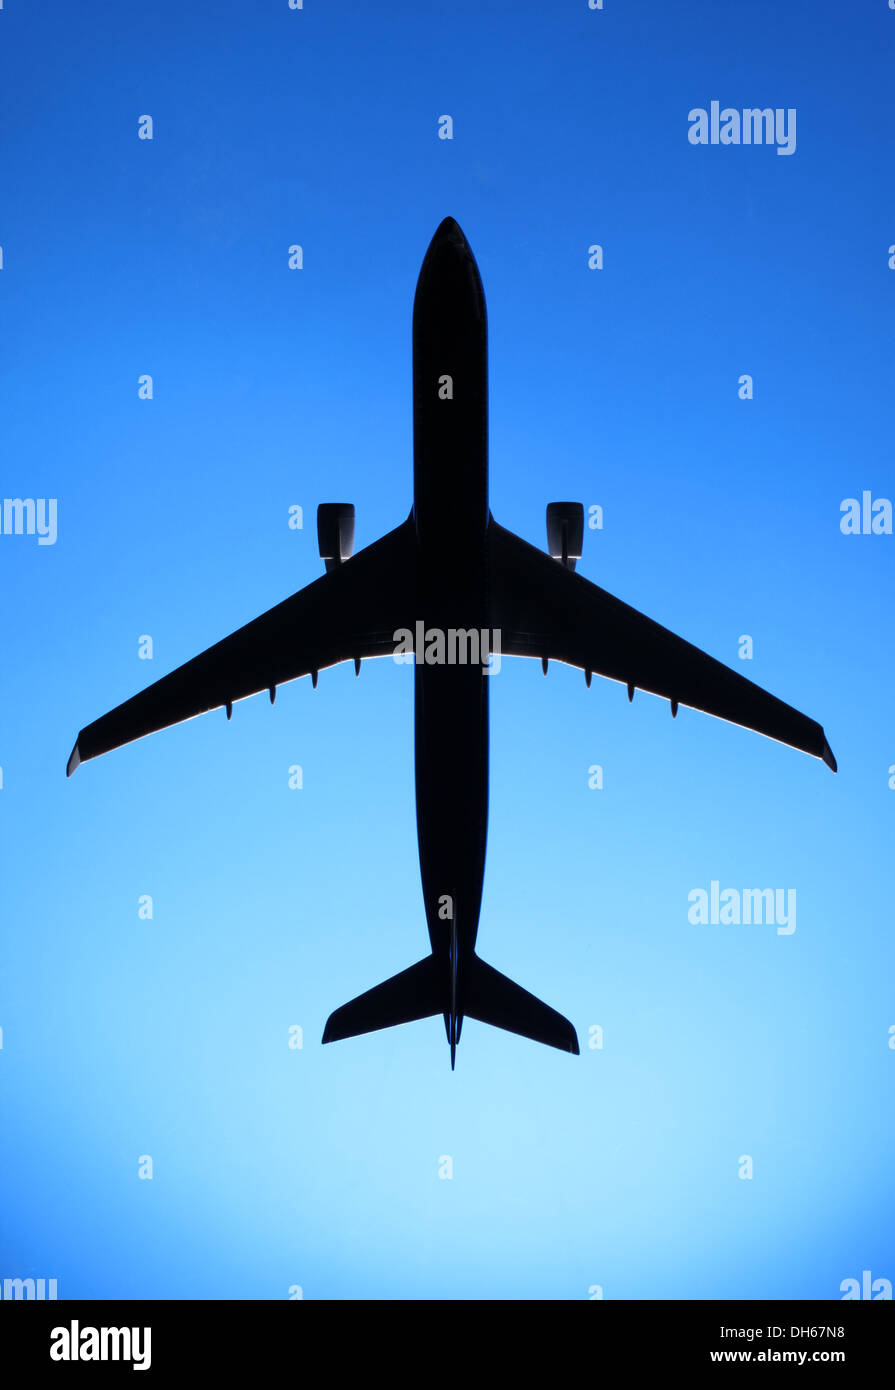 Ein Plastikmodell eines kommerziellen Flugzeug Flugzeug fliegen in blauen Himmel Stockbild